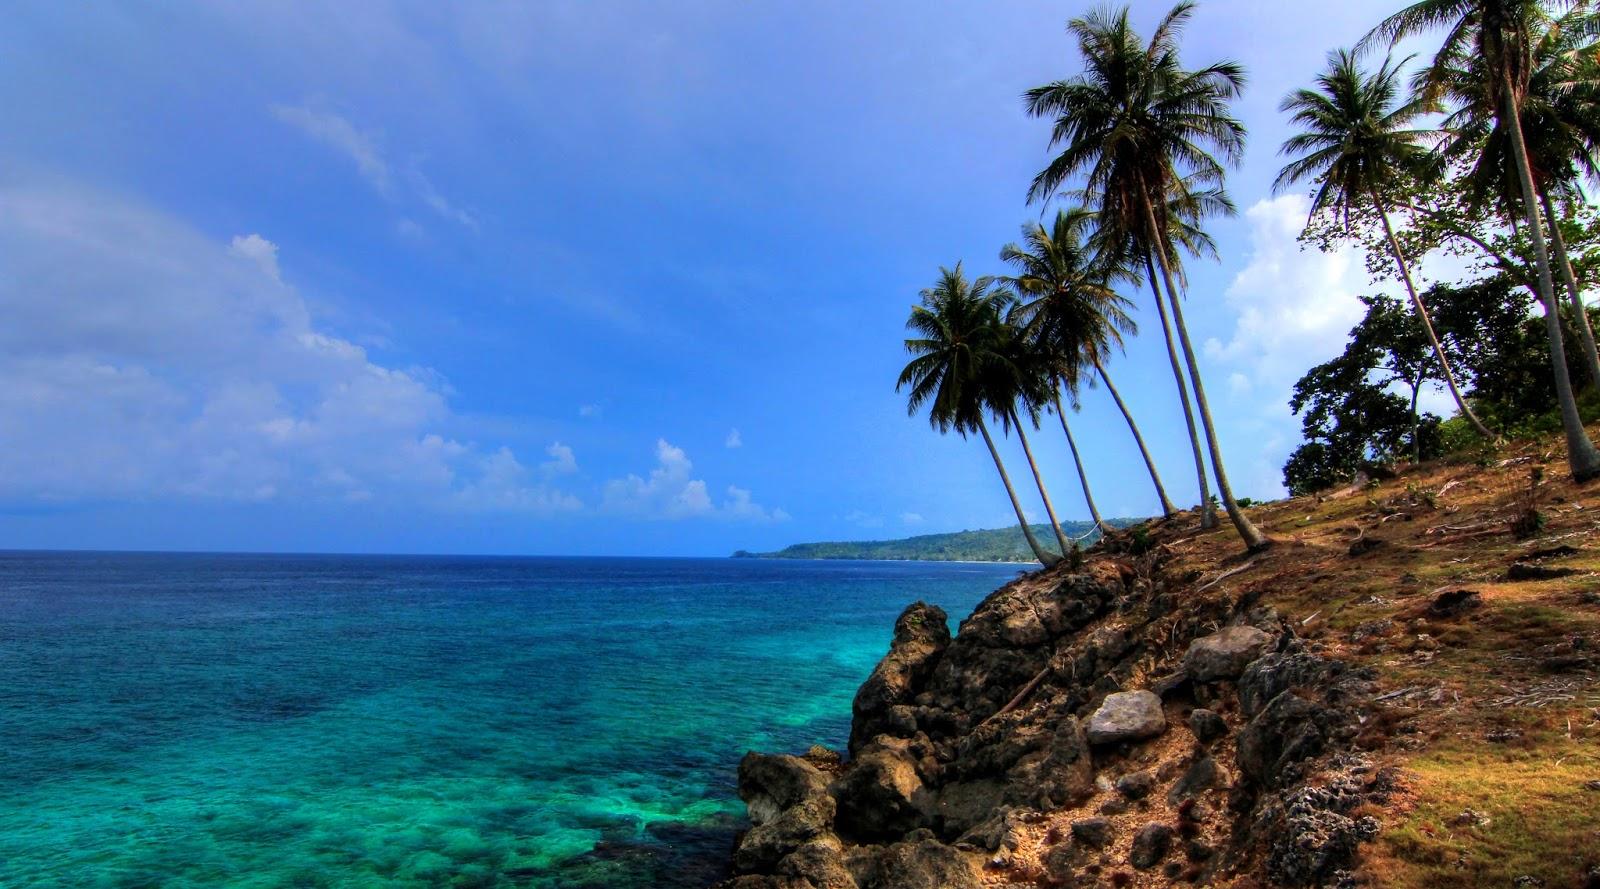 Pantai Ujung Kareung pohon kepala